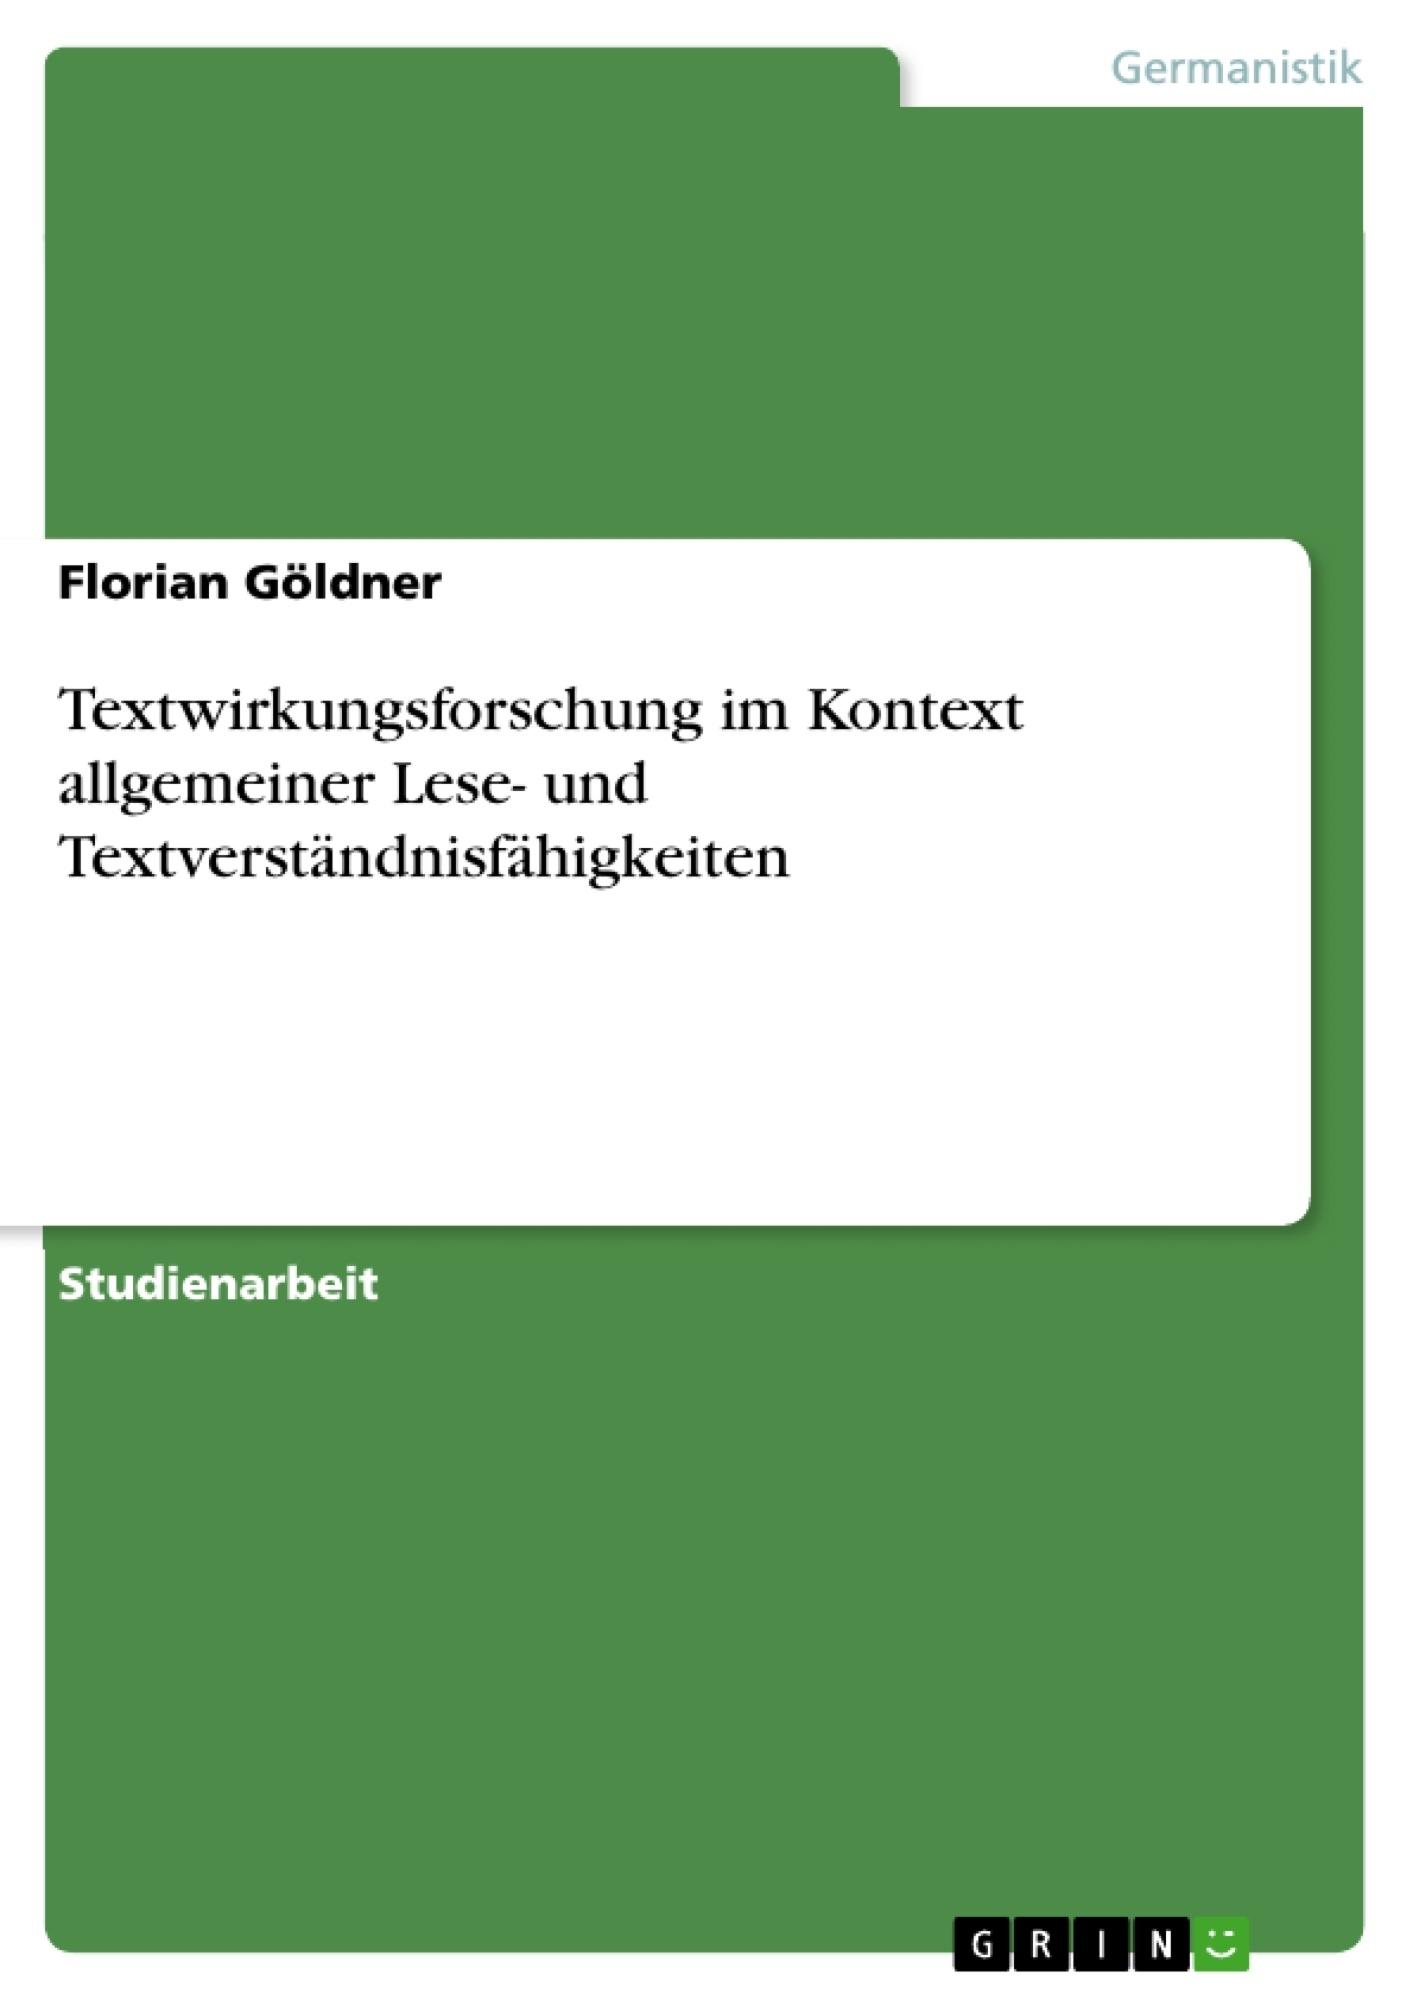 Titel: Textwirkungsforschung im Kontext allgemeiner Lese- und Textverständnisfähigkeiten